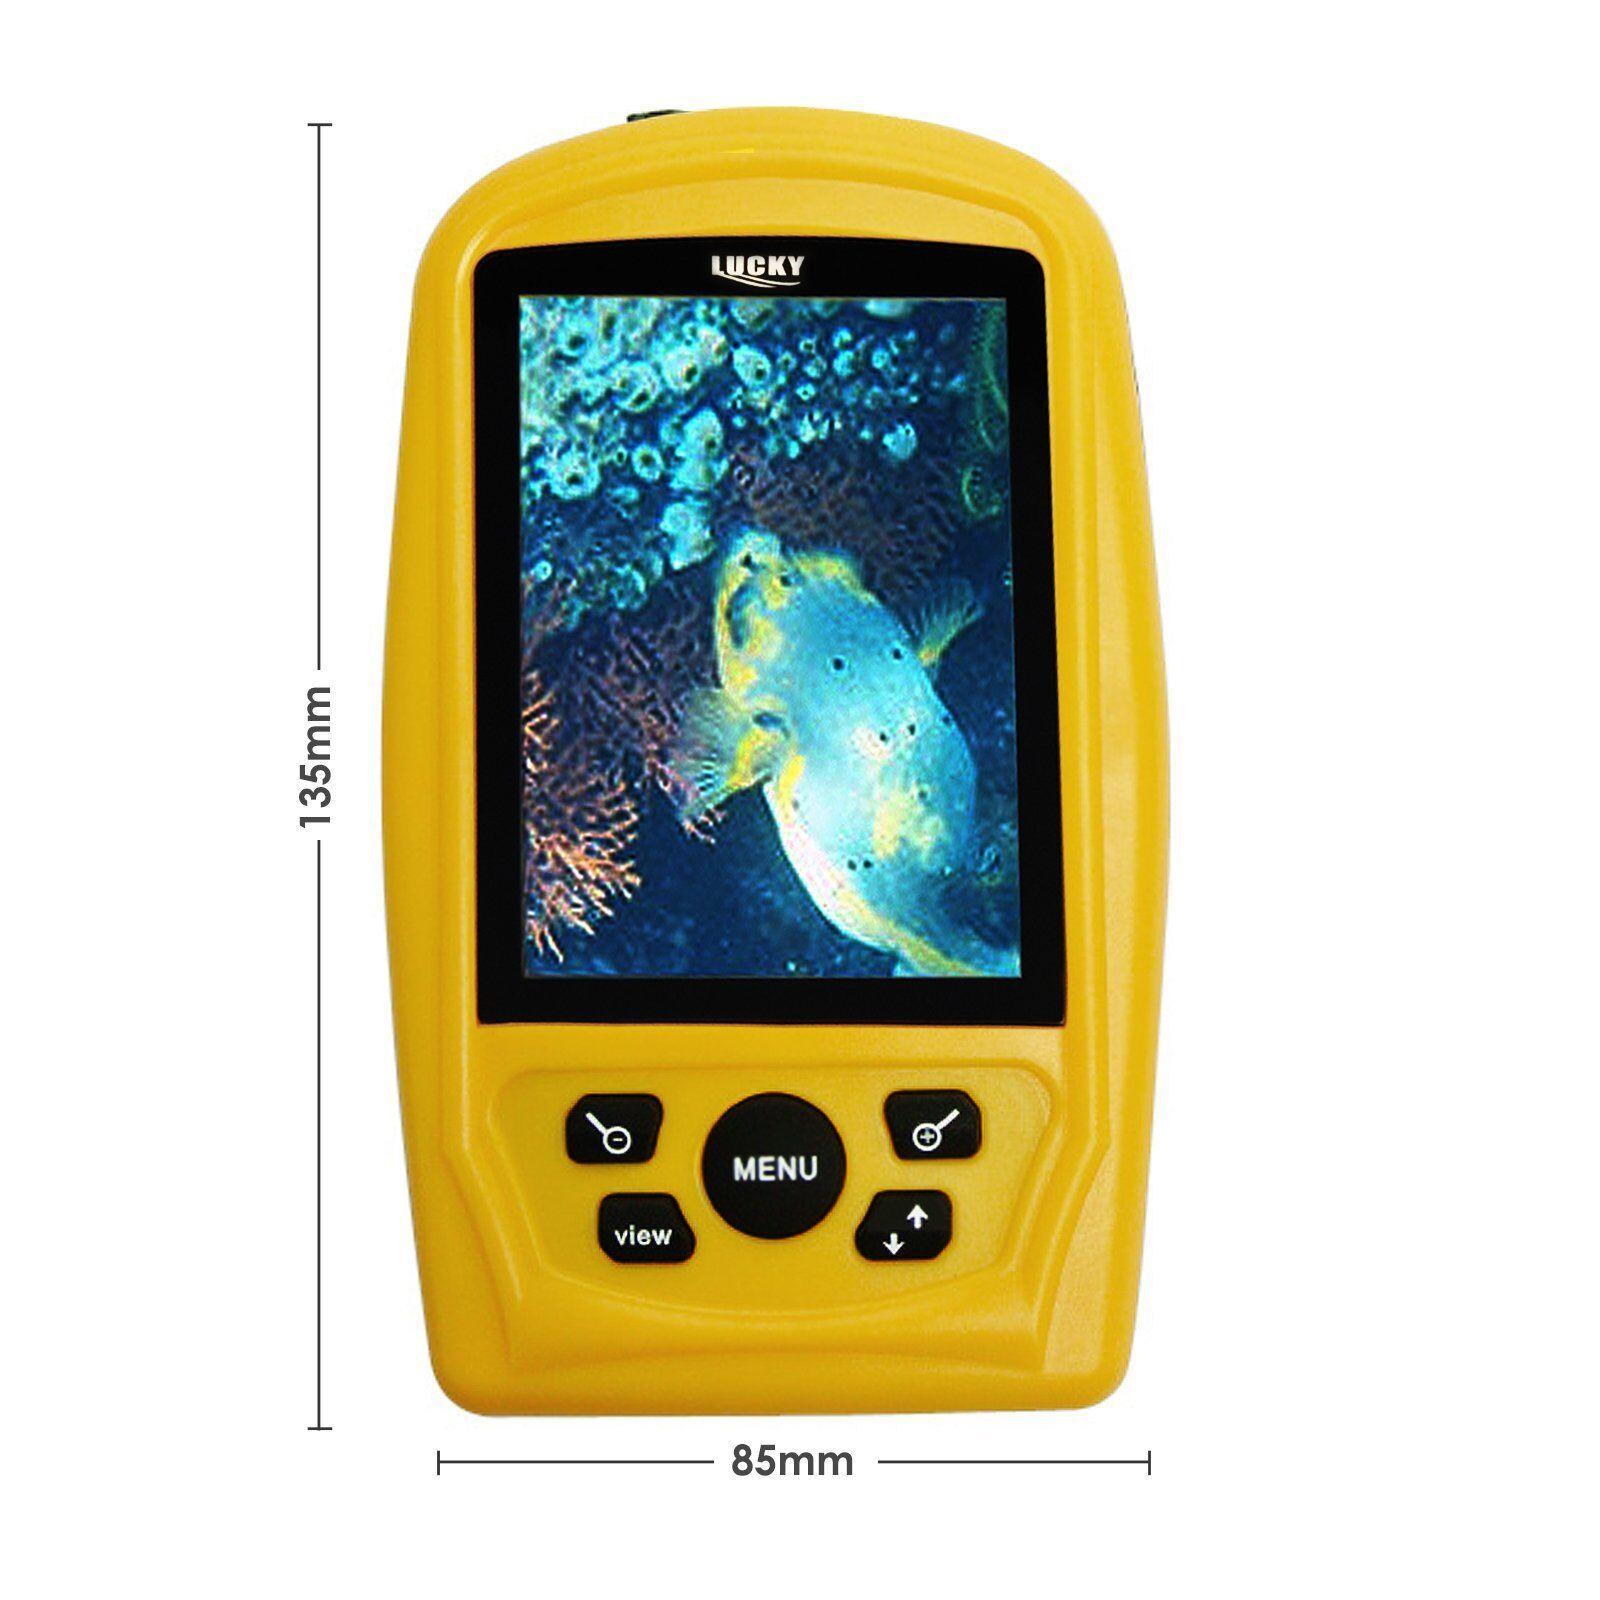 Portátil Underwater Pescar & Inspección  Inspección & Cámara Vídeo Sistema Display Monitor b2d376